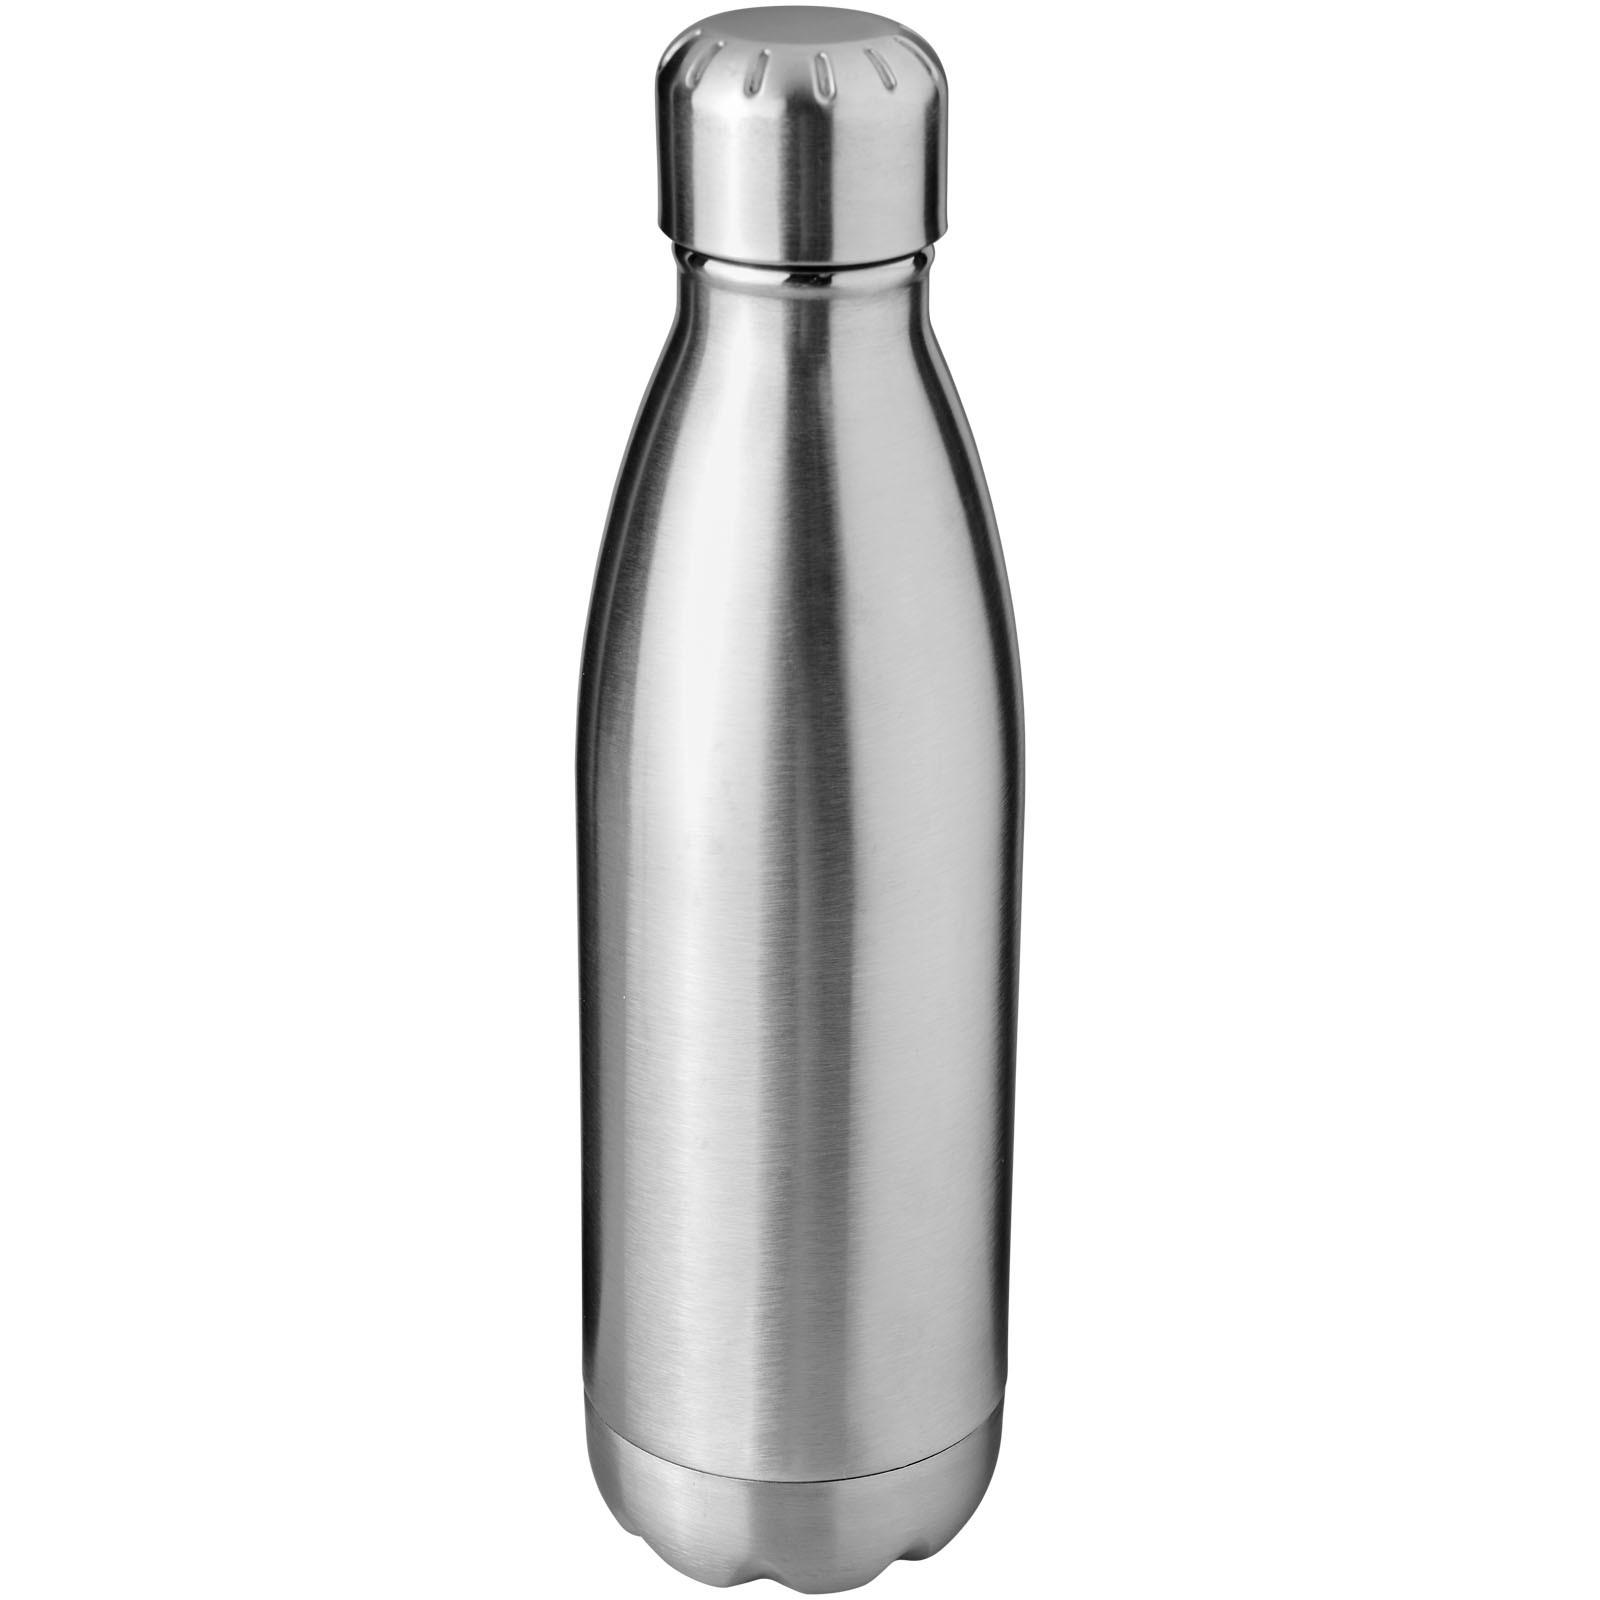 Termoska Arsenal s vakuovou izolací 510 ml - Stříbrný